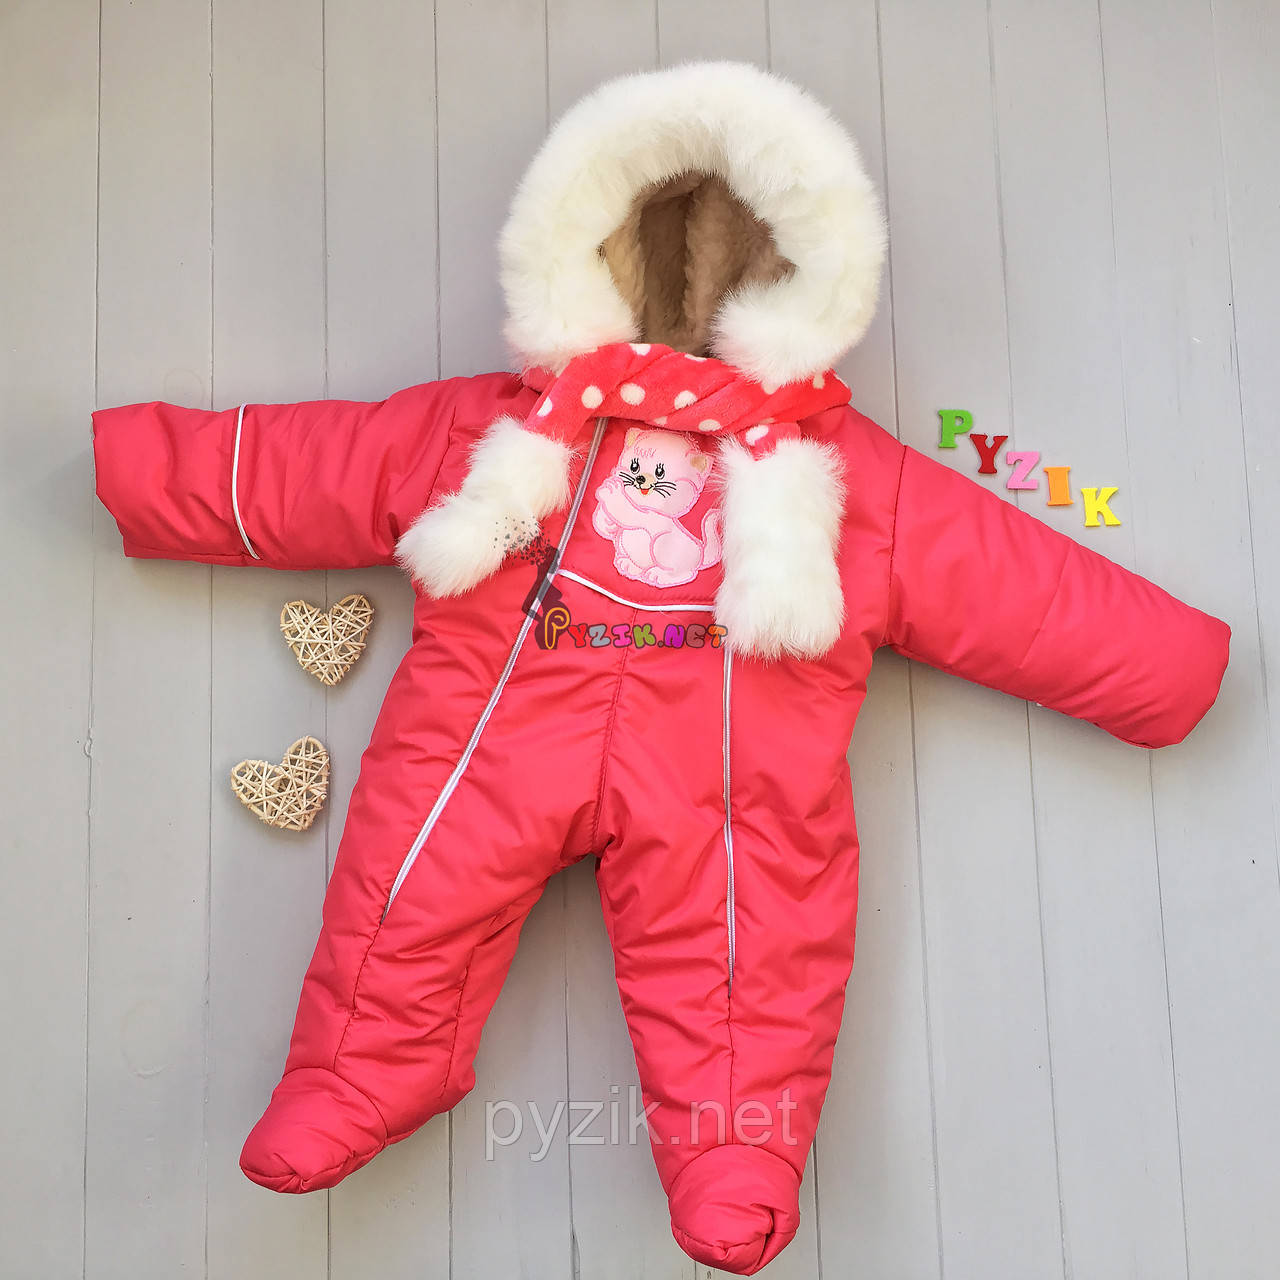 Комбинезон детский теплый с капюшоном алый, 0-5 месяцев